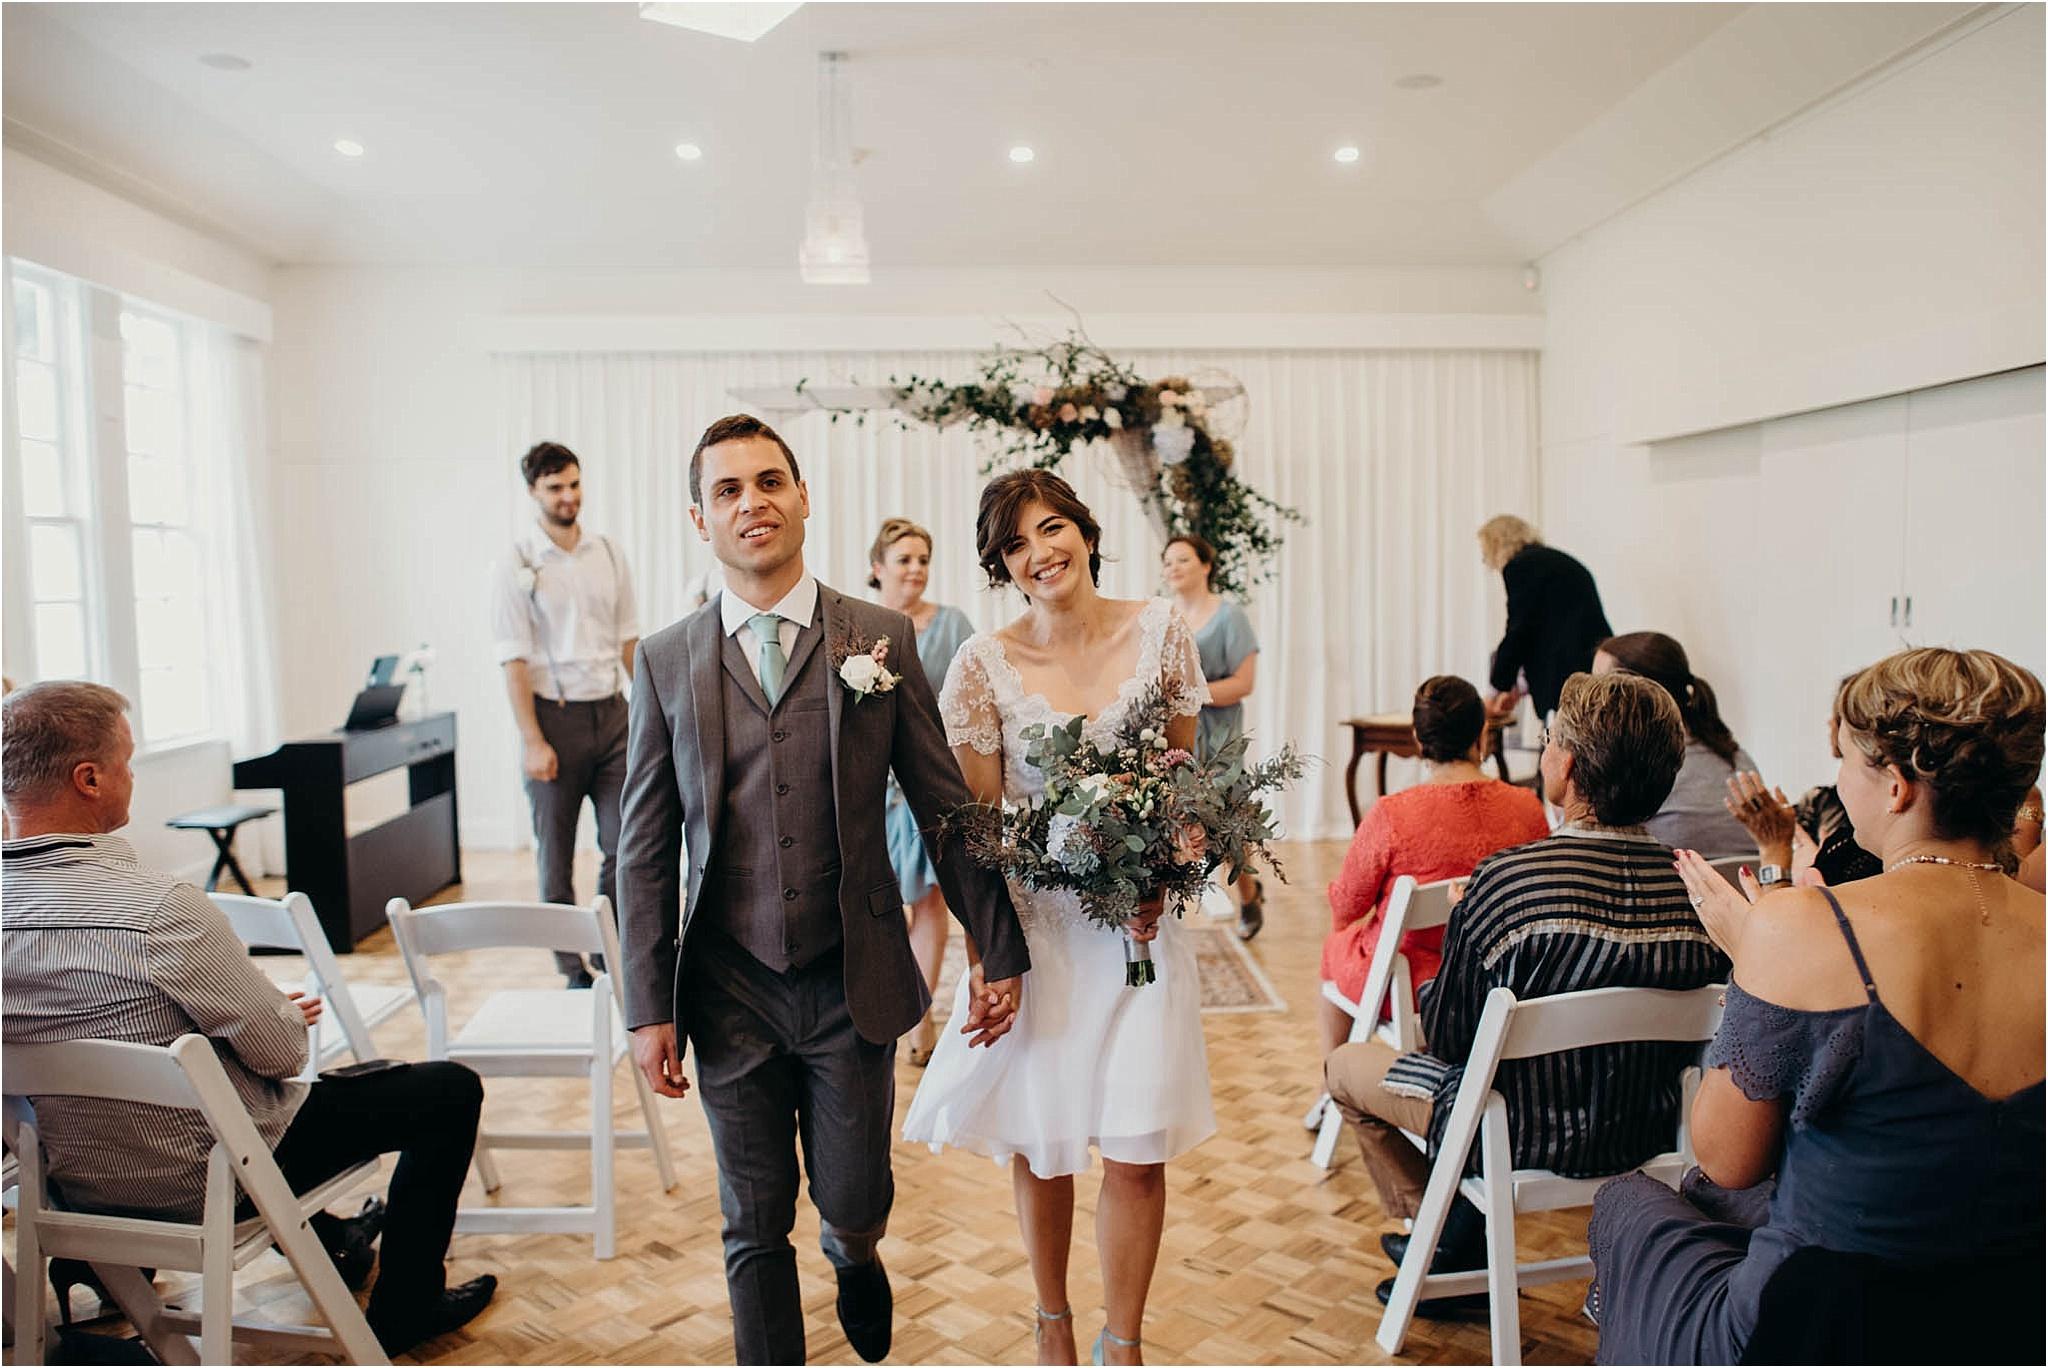 Auckland-Wedding-Photographer-Vanessa-Julian-Officers-Mess-Married_0029.jpg